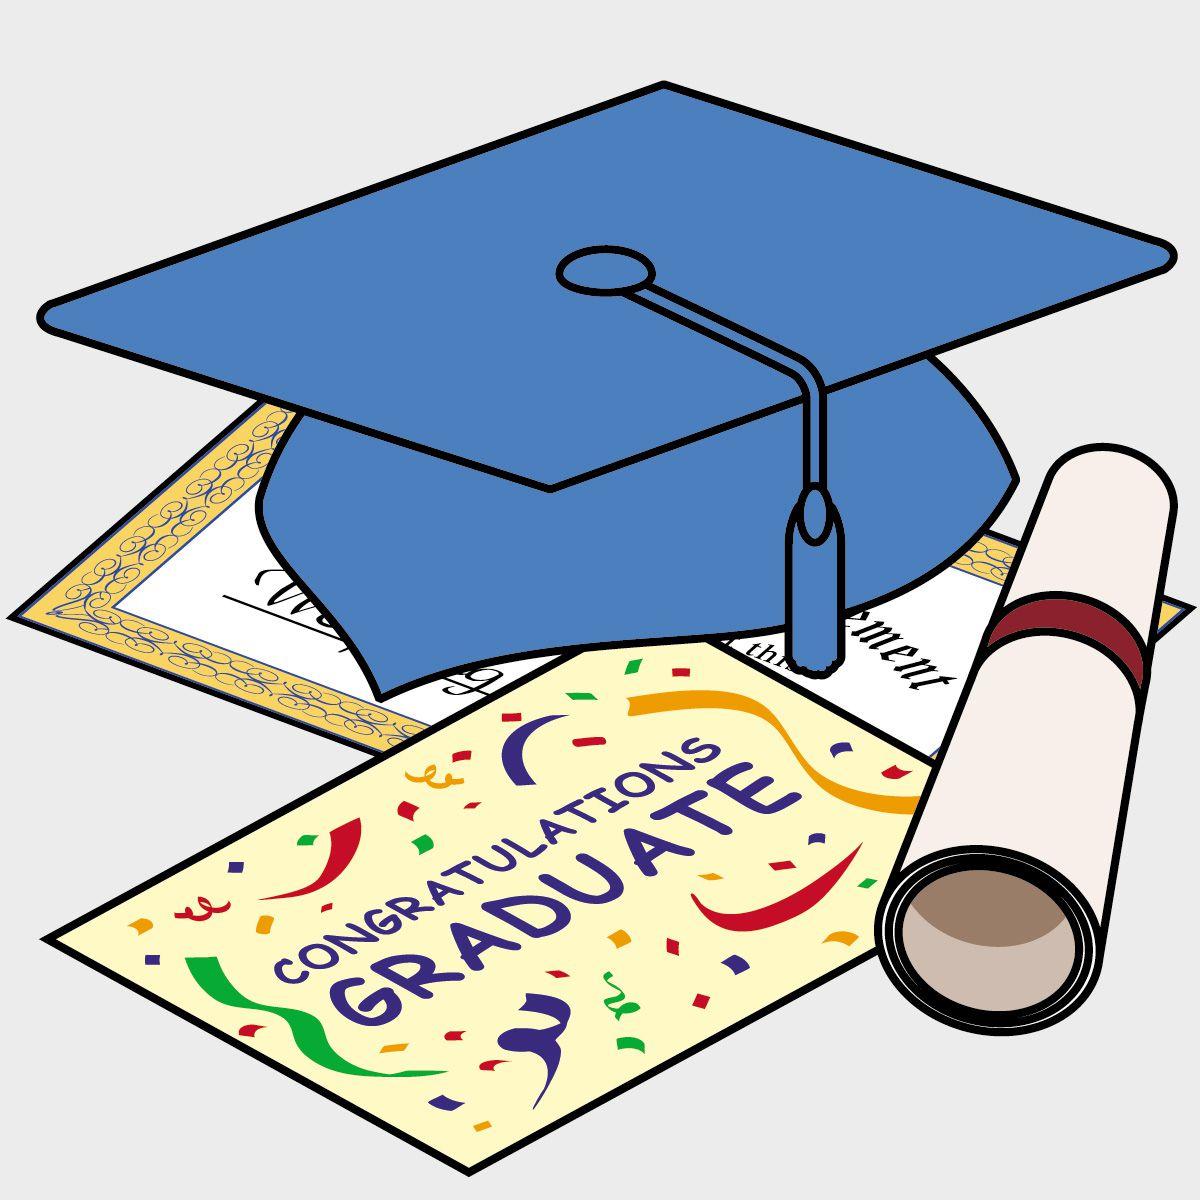 preschool graduation clipart at getdrawings com free for personal rh getdrawings com preschool graduation clipart black and white Preschool Graduation Quotes